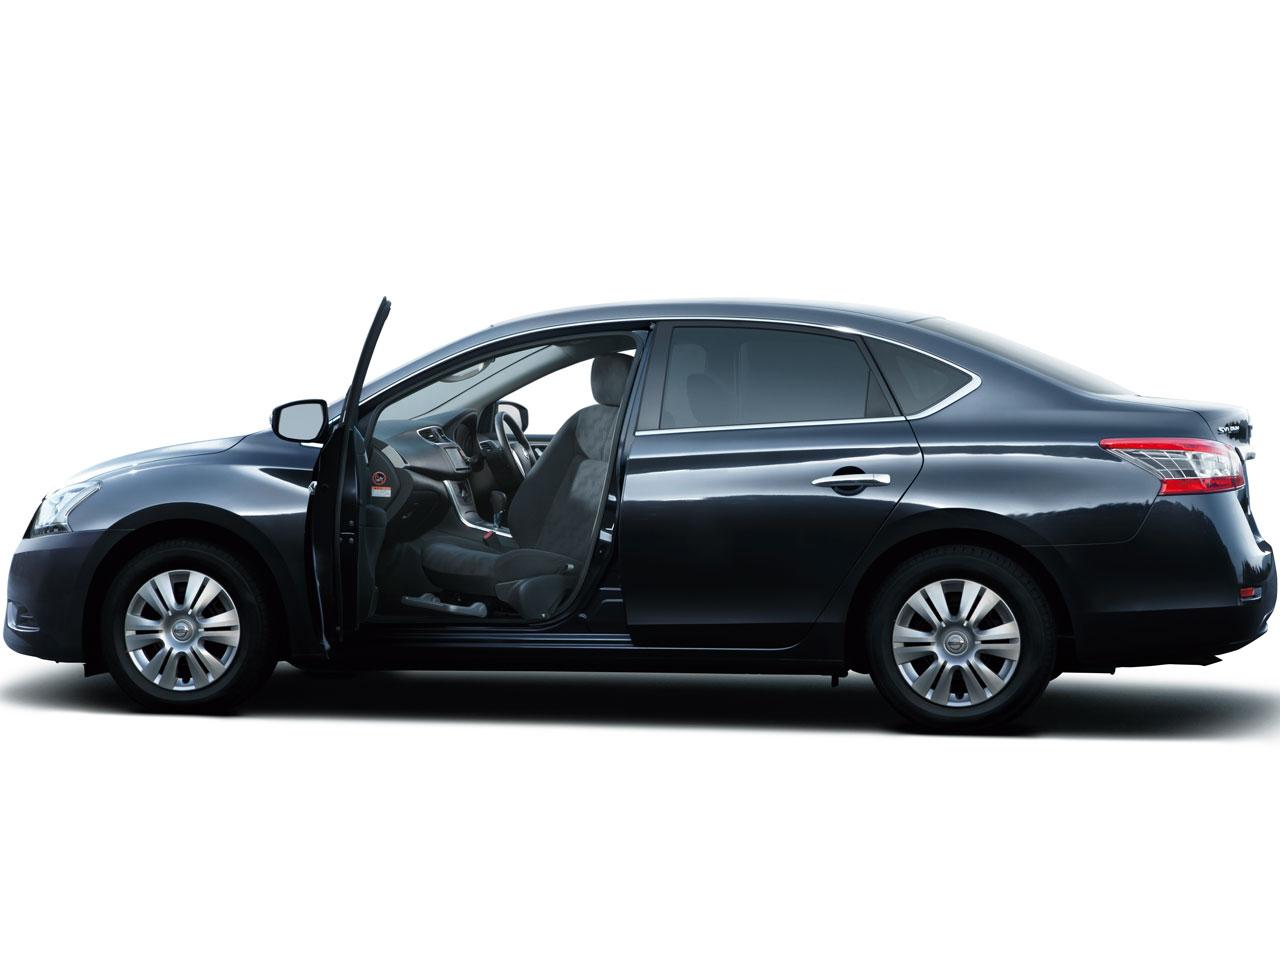 日産 シルフィ 福祉車両 2012年モデル 新車画像